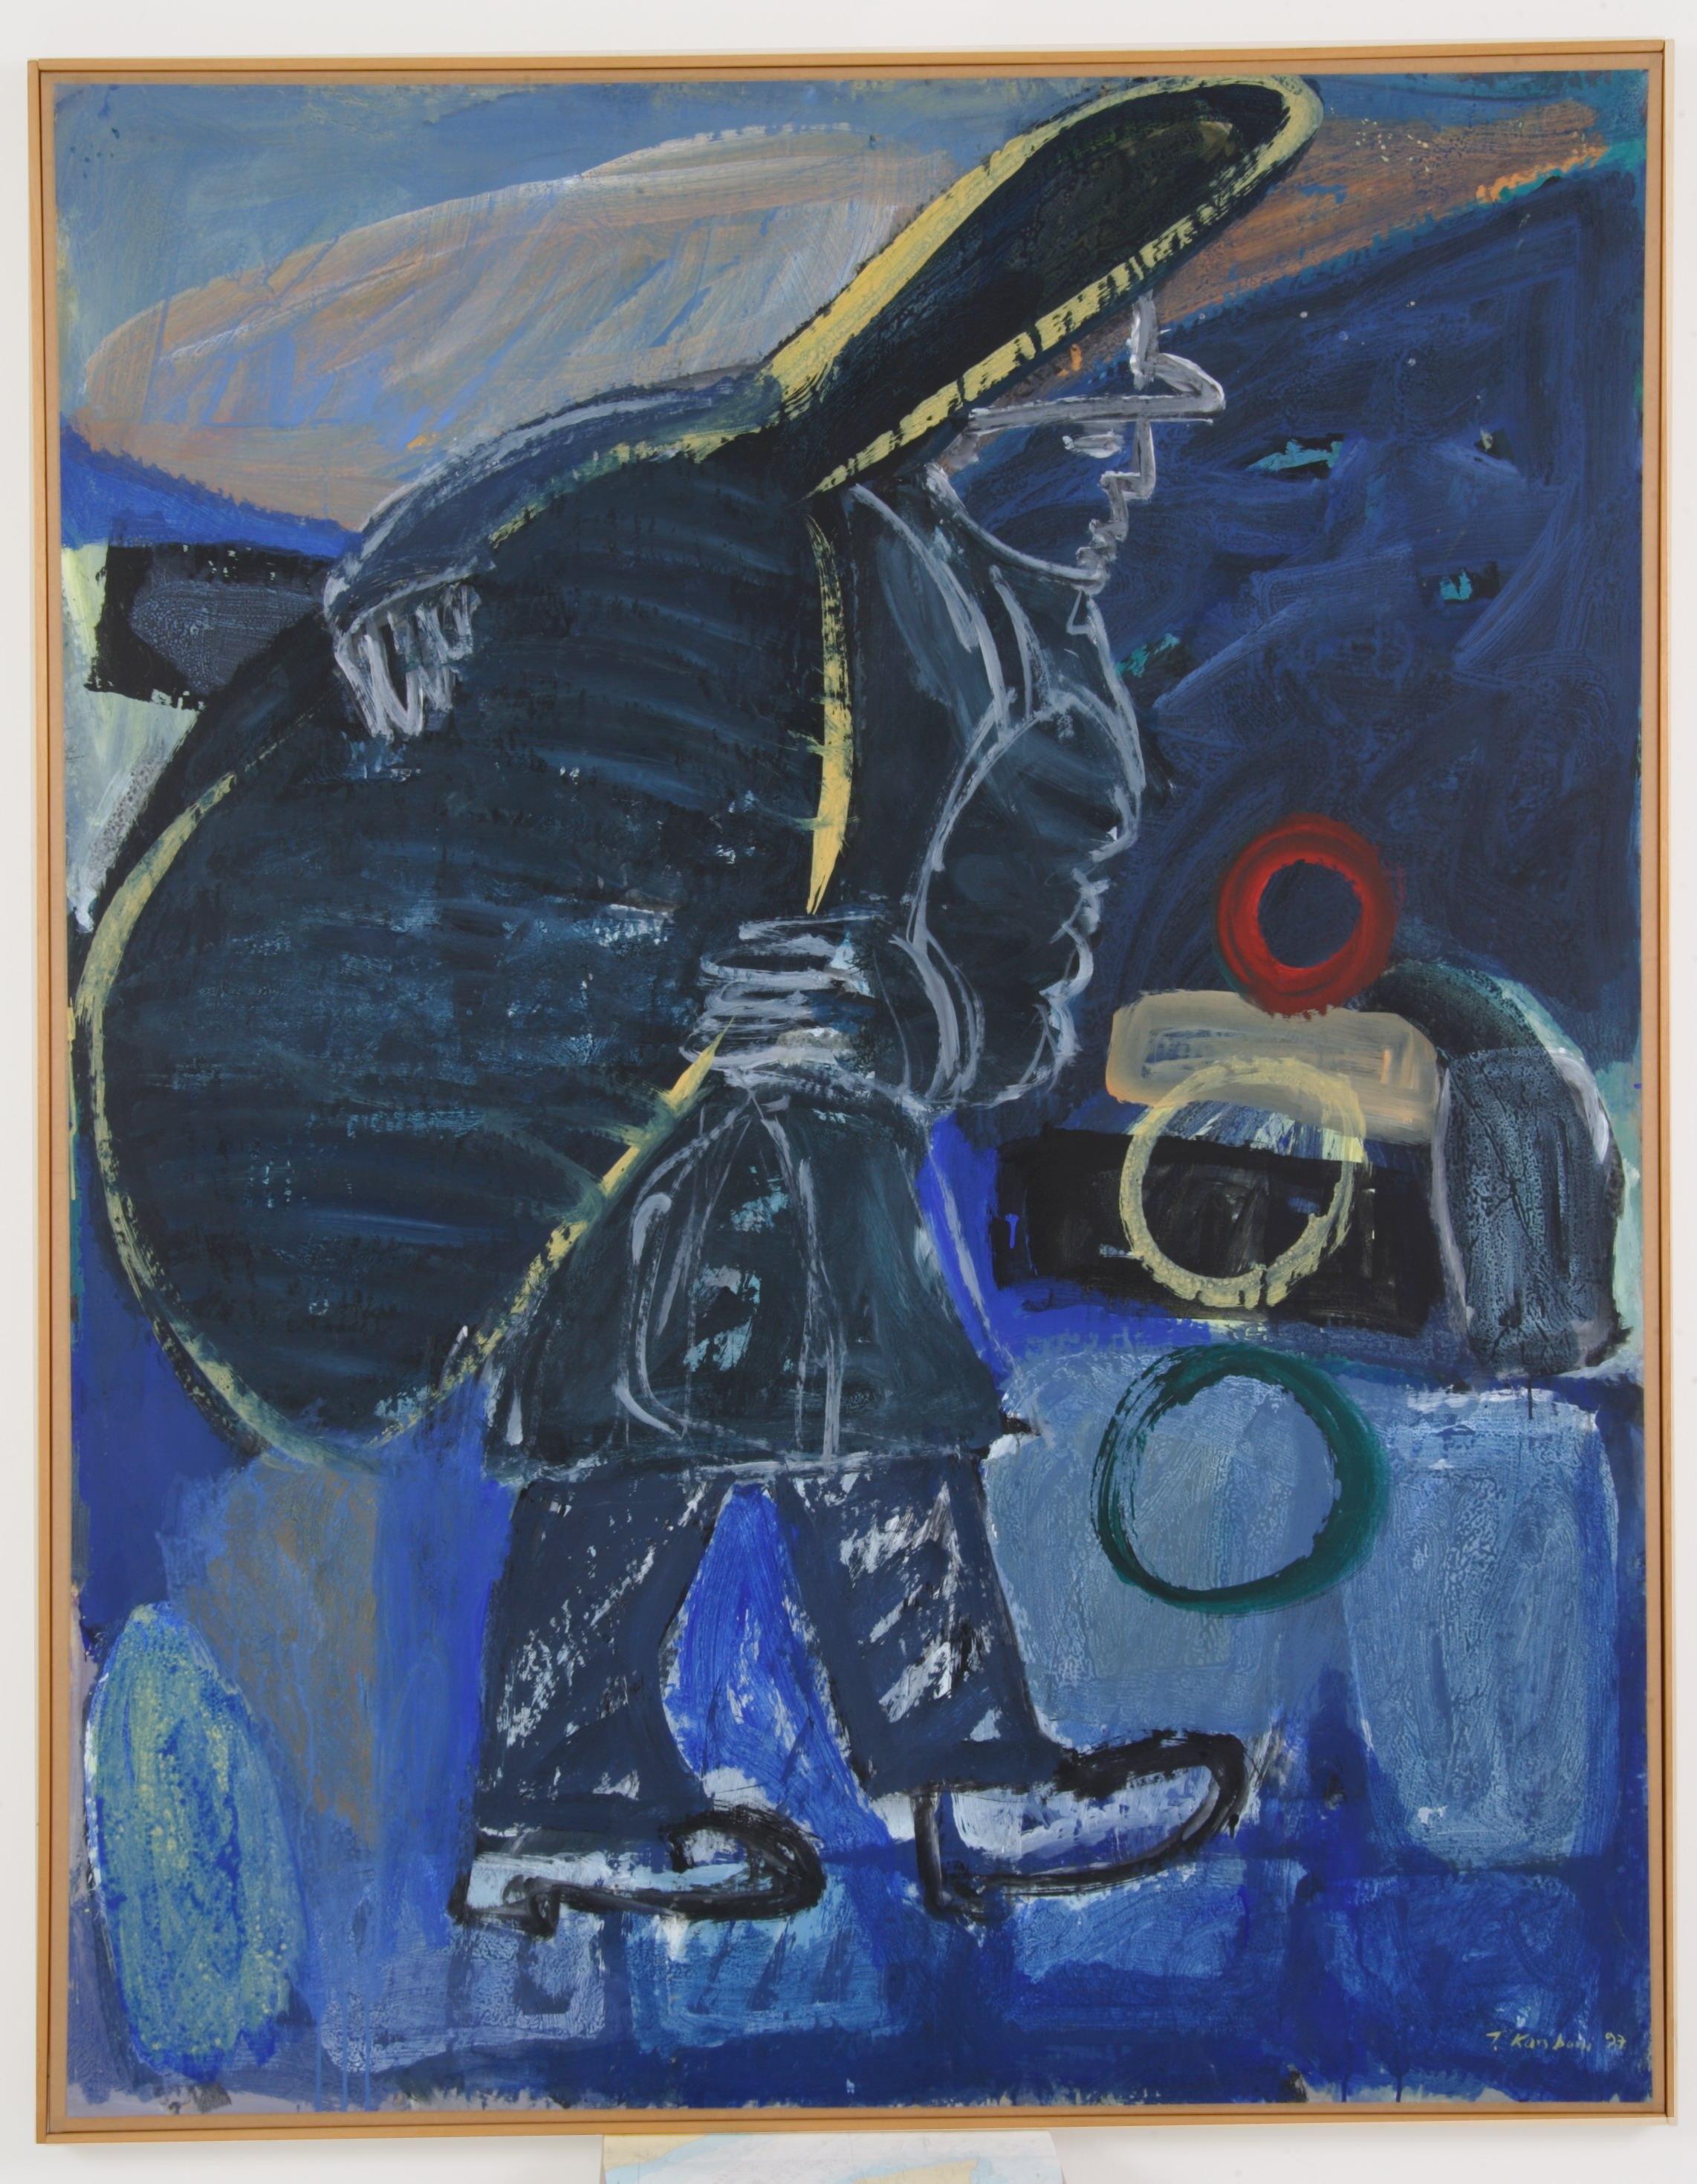 καλλιτεχνικά βάρη,1997,160x180cm